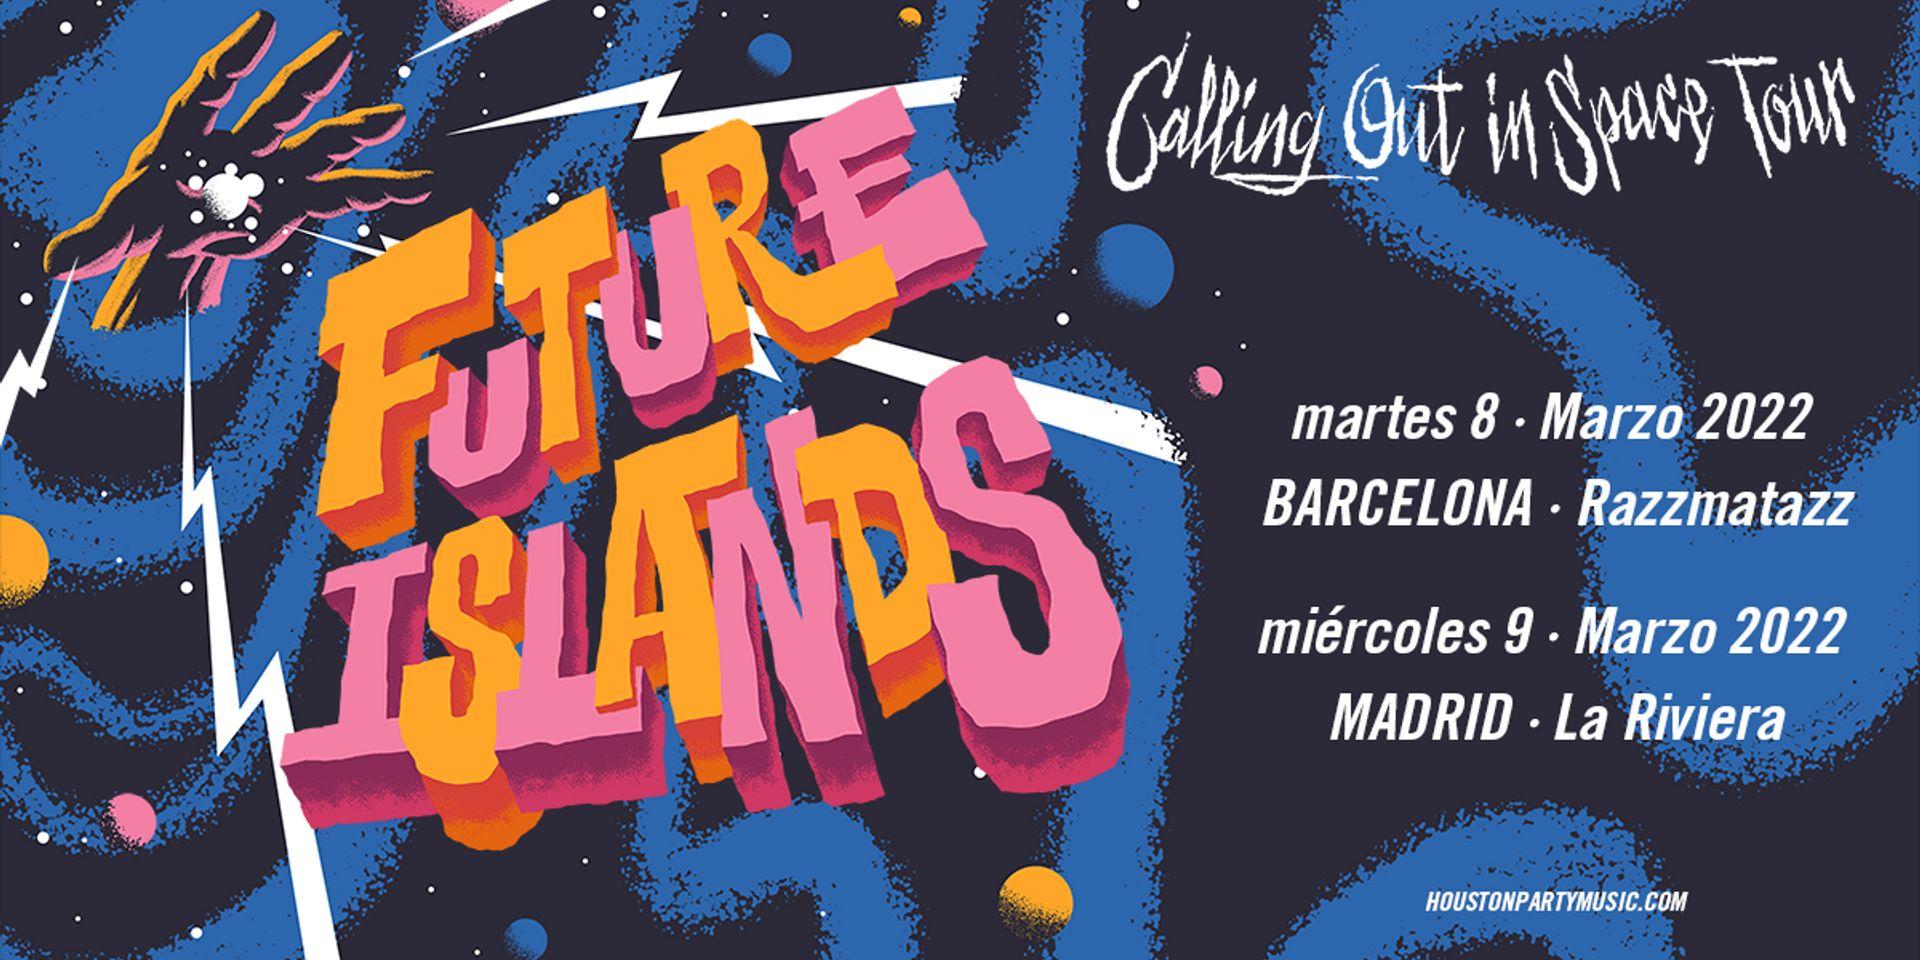 Future Islands, en marzo de 2022 en Barcelona y Madrid